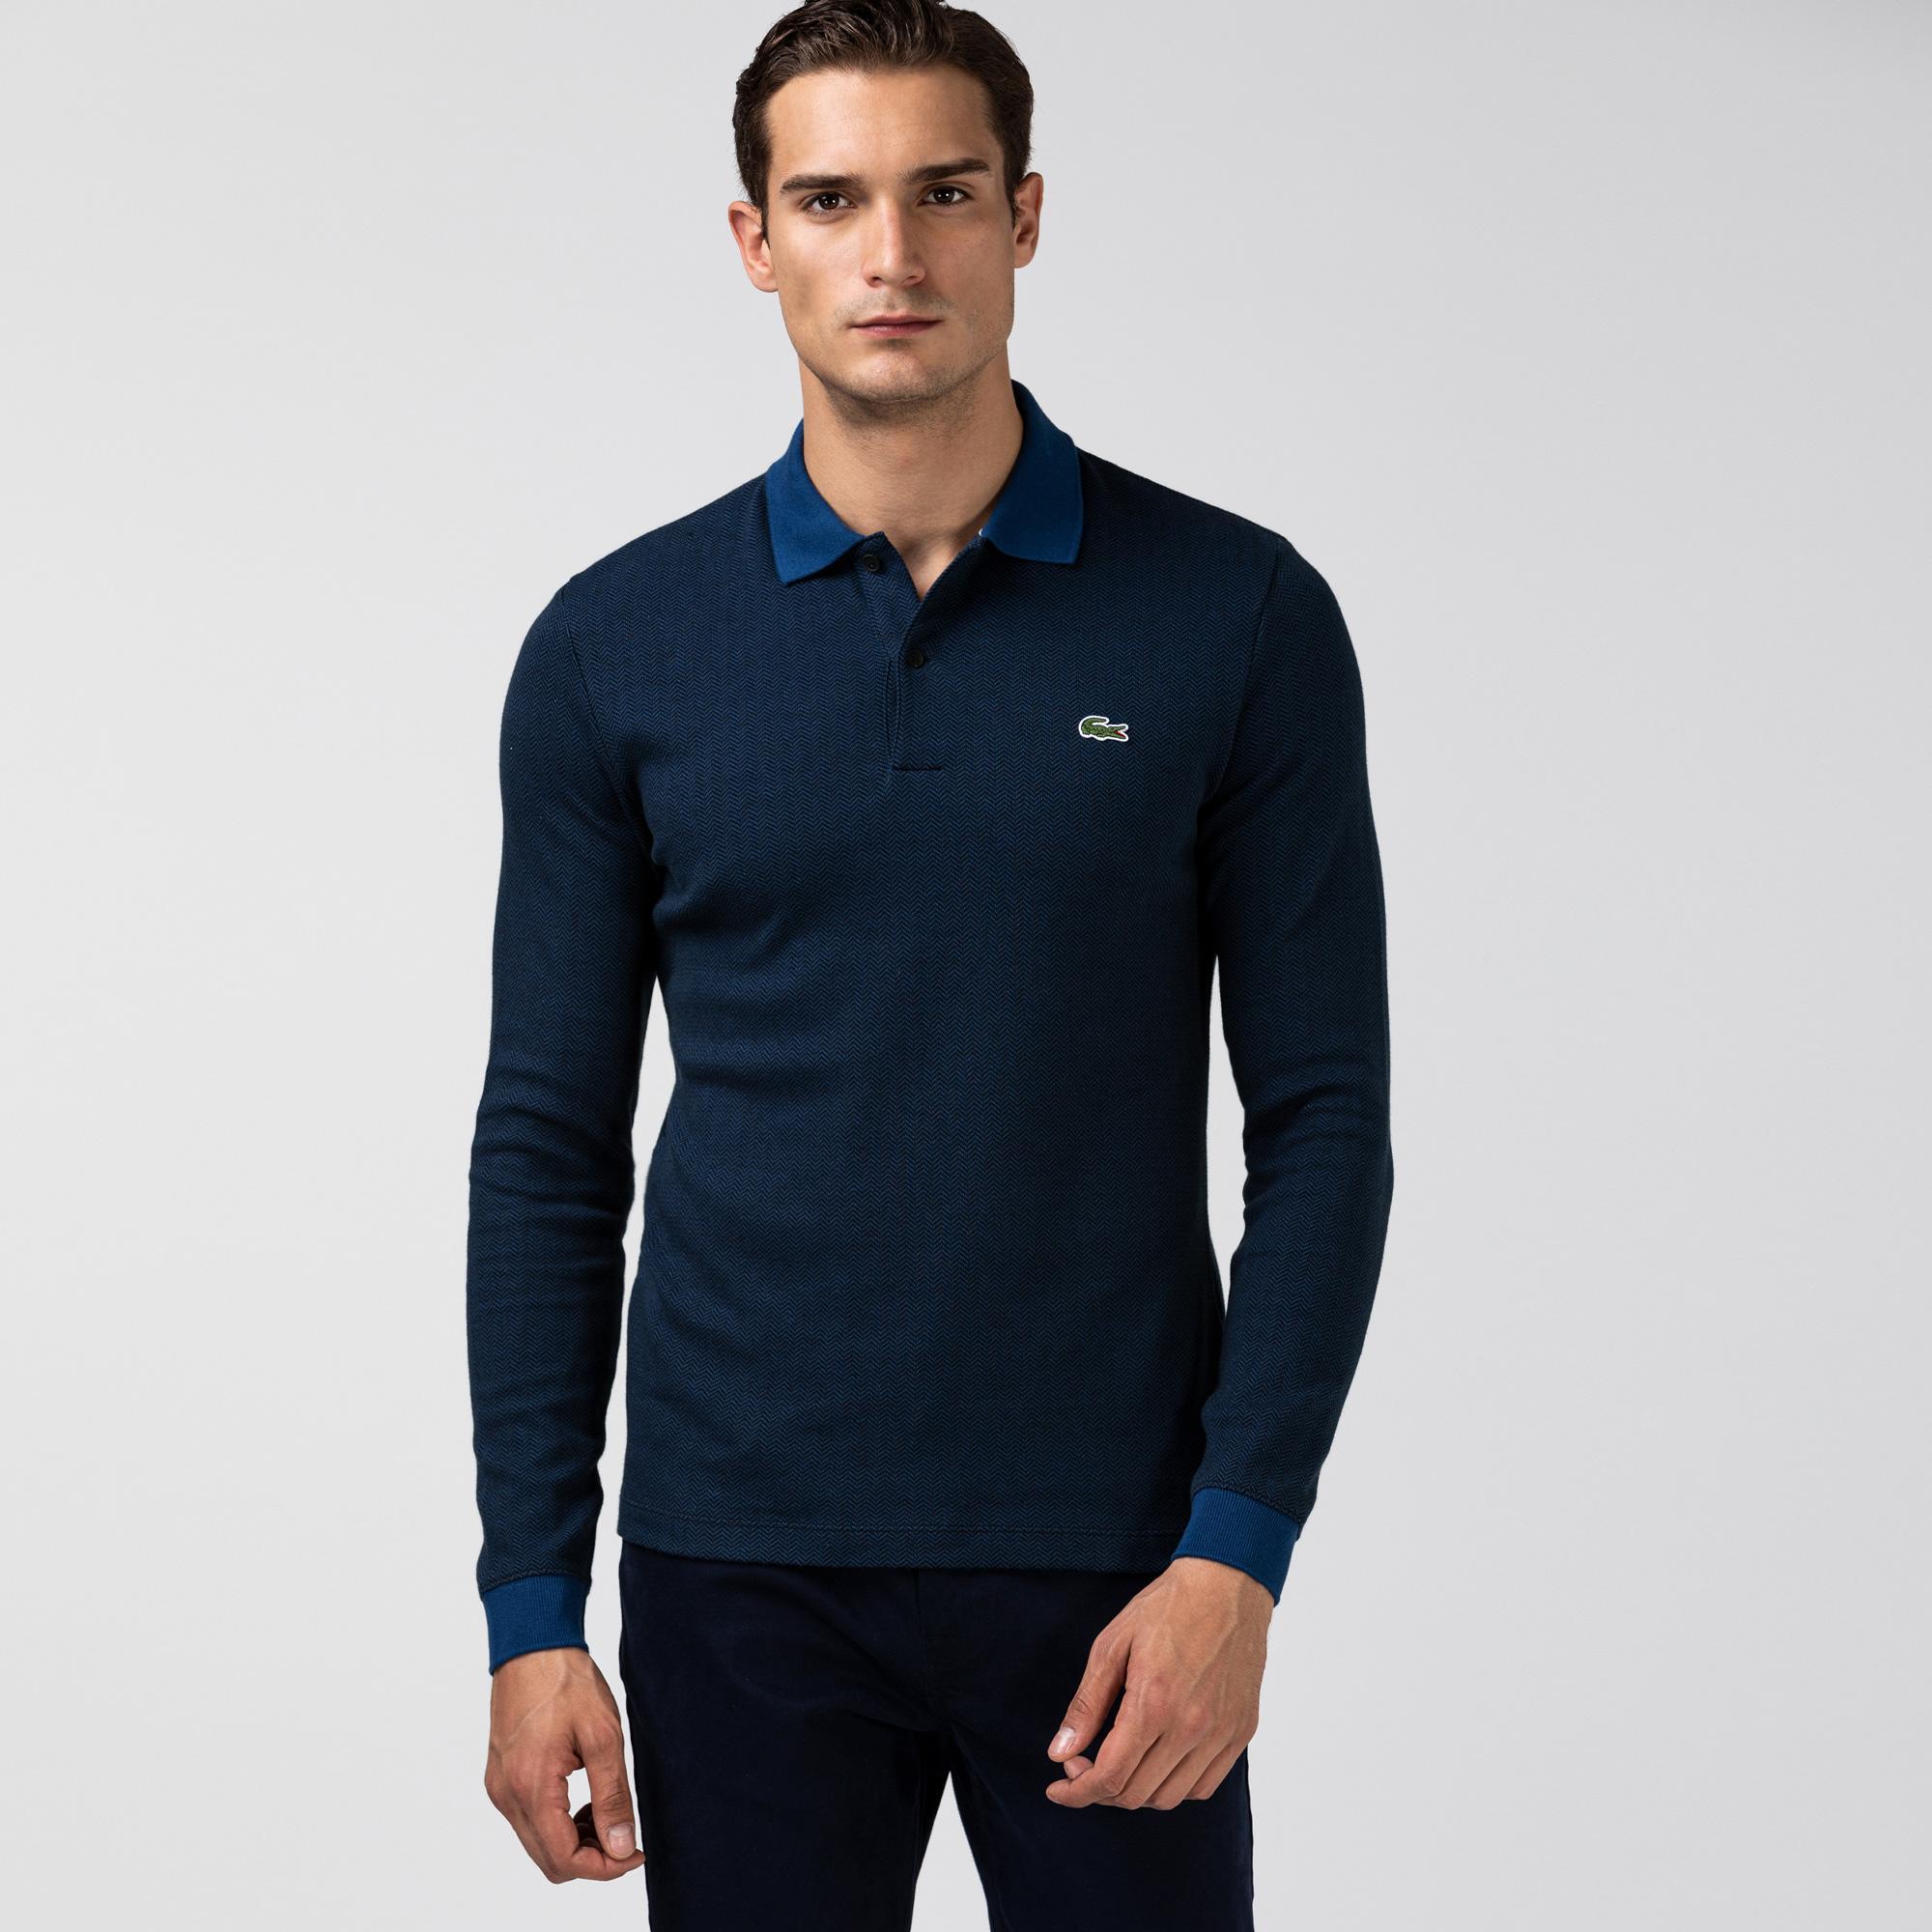 Lacoste Męska Bawełniana Koszulka Polo W Jodełkę Regular Fit